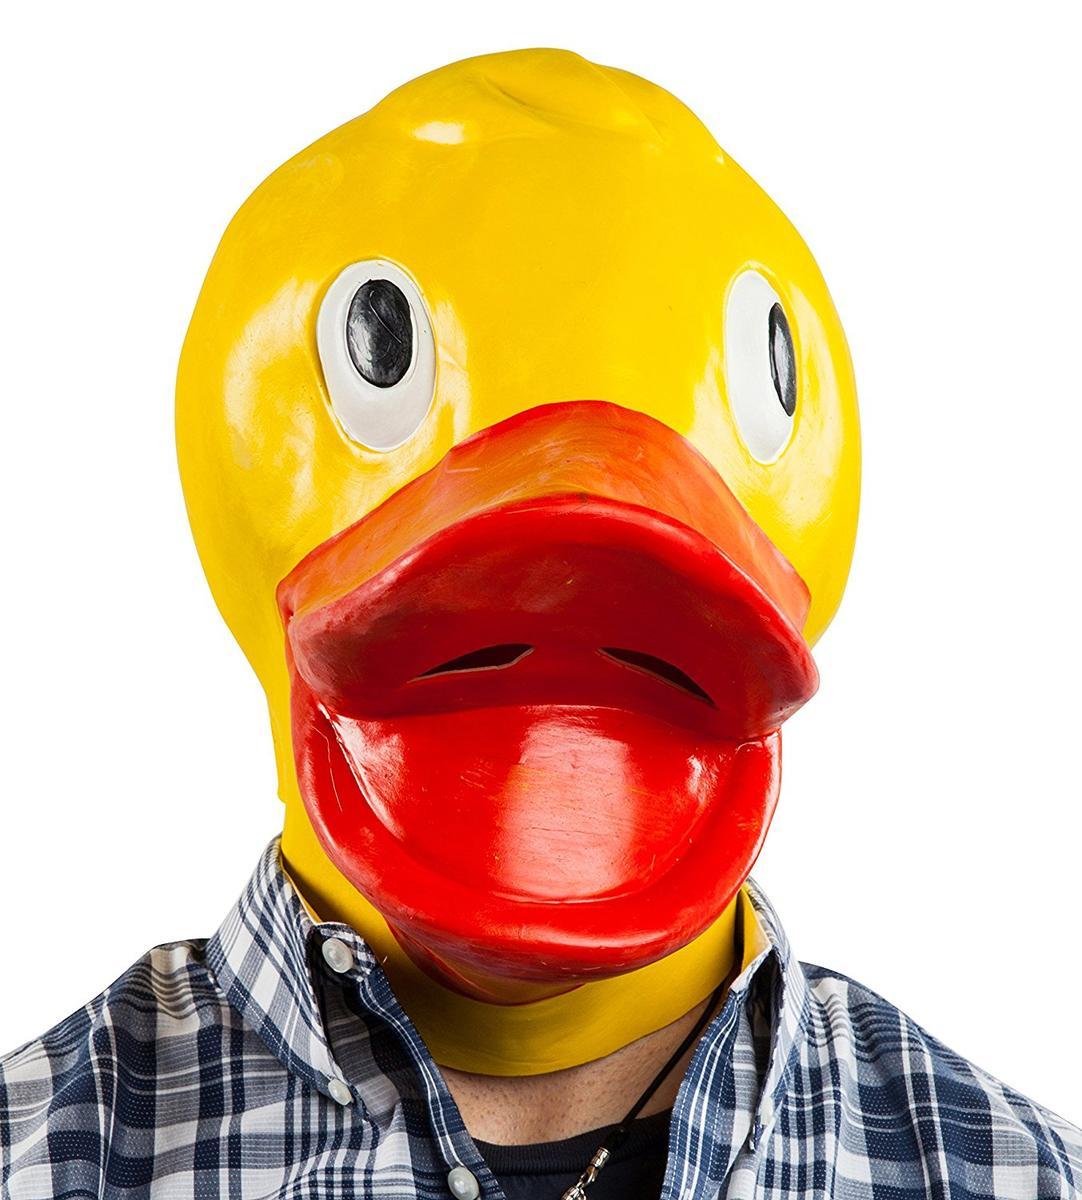 おもしろコスプレ マスク アヒル 動物 被り物 海外 コスプレ 仮装 グッズ